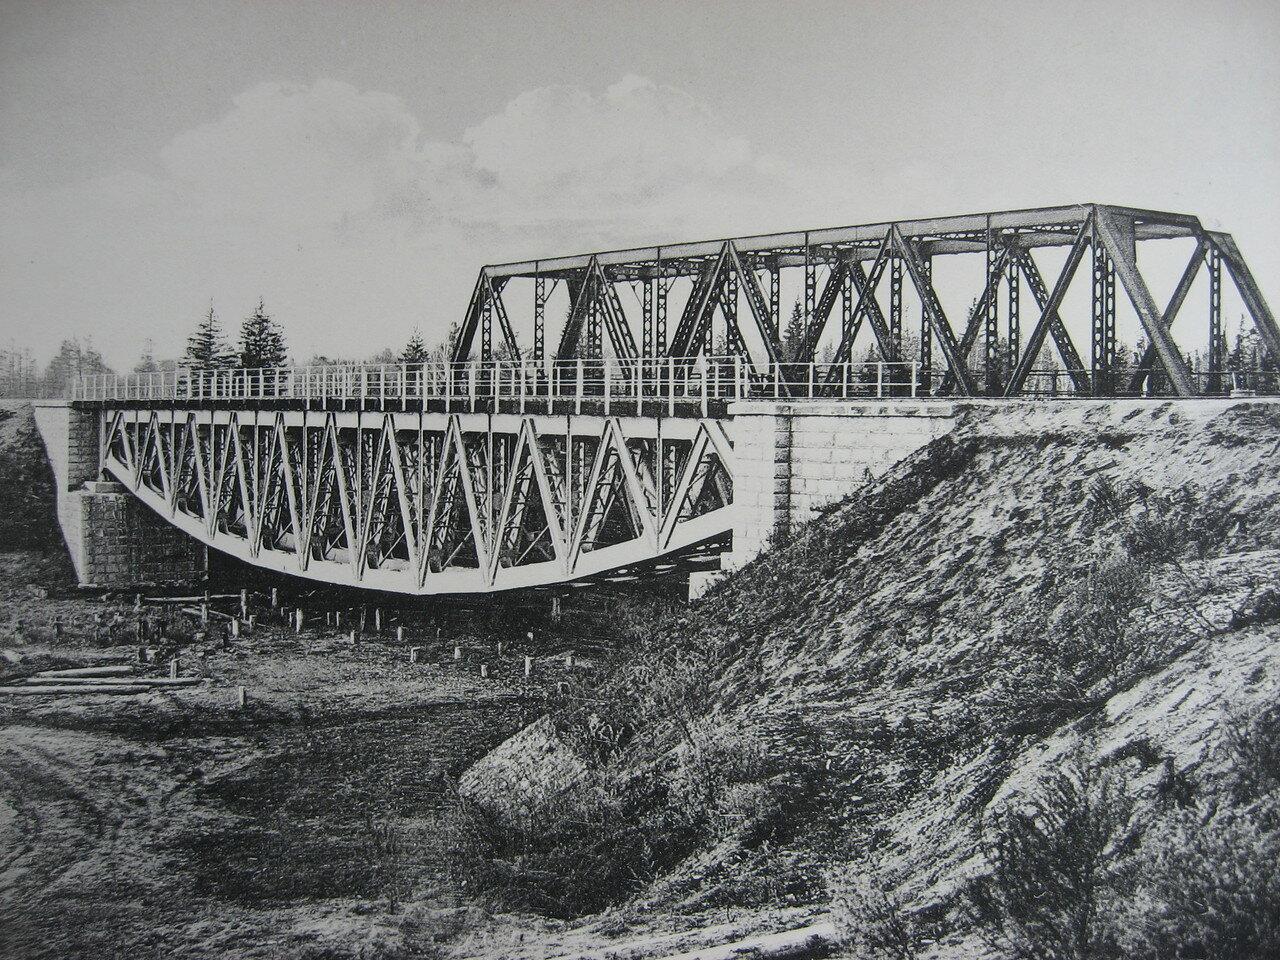 19. 2444 верста. Вид на мост через р. Окульшет. Строительный период 1910